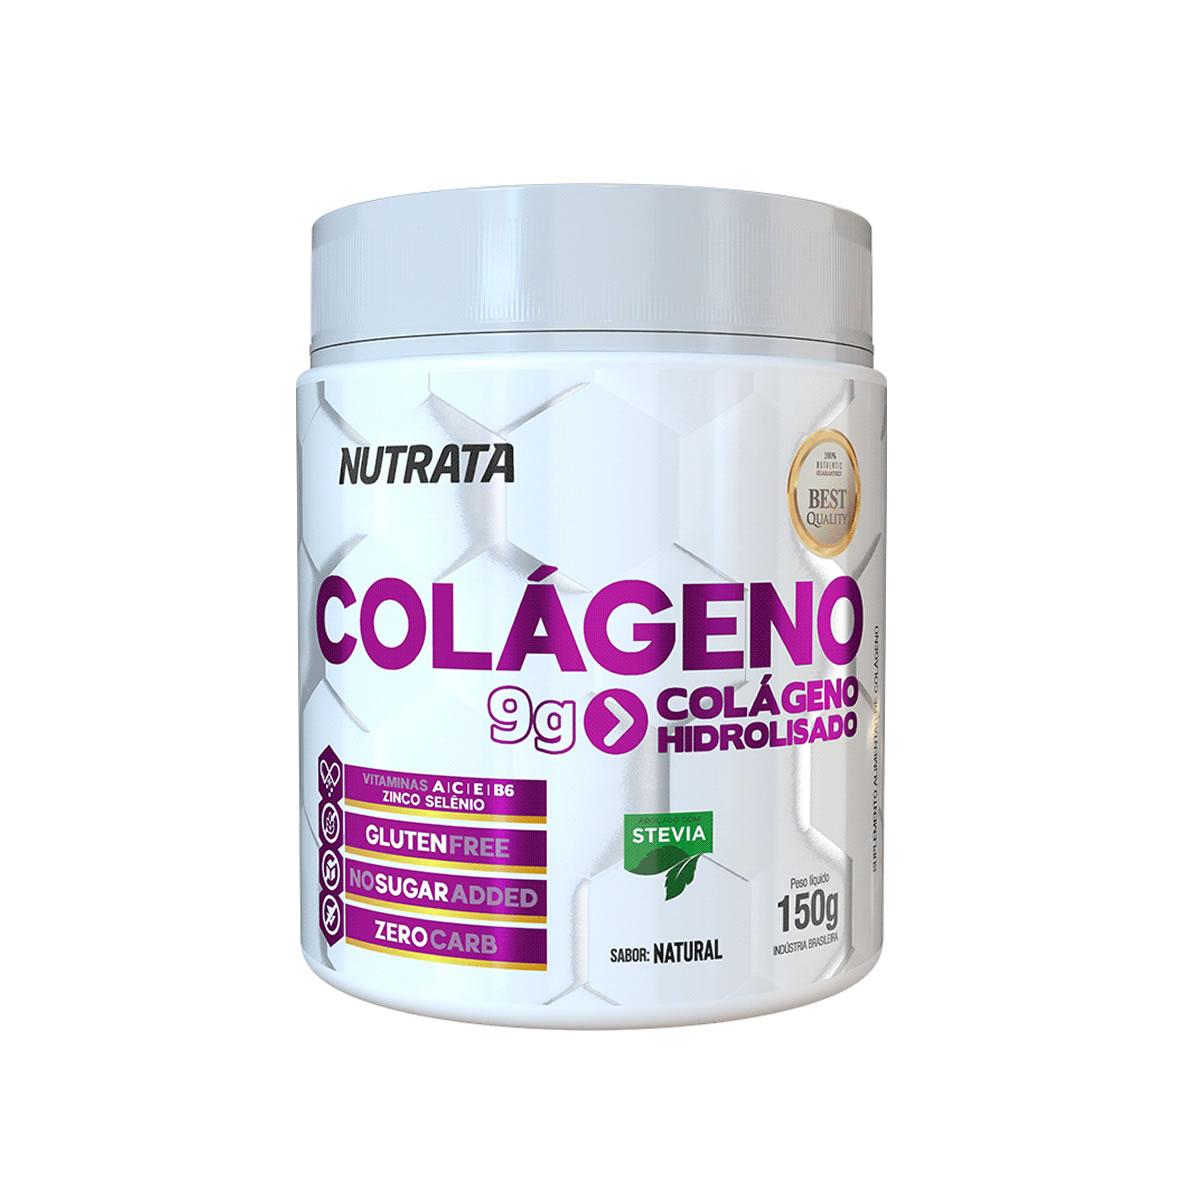 Colágeno Hidrolisado Sabor Natural 150g - Nutrata